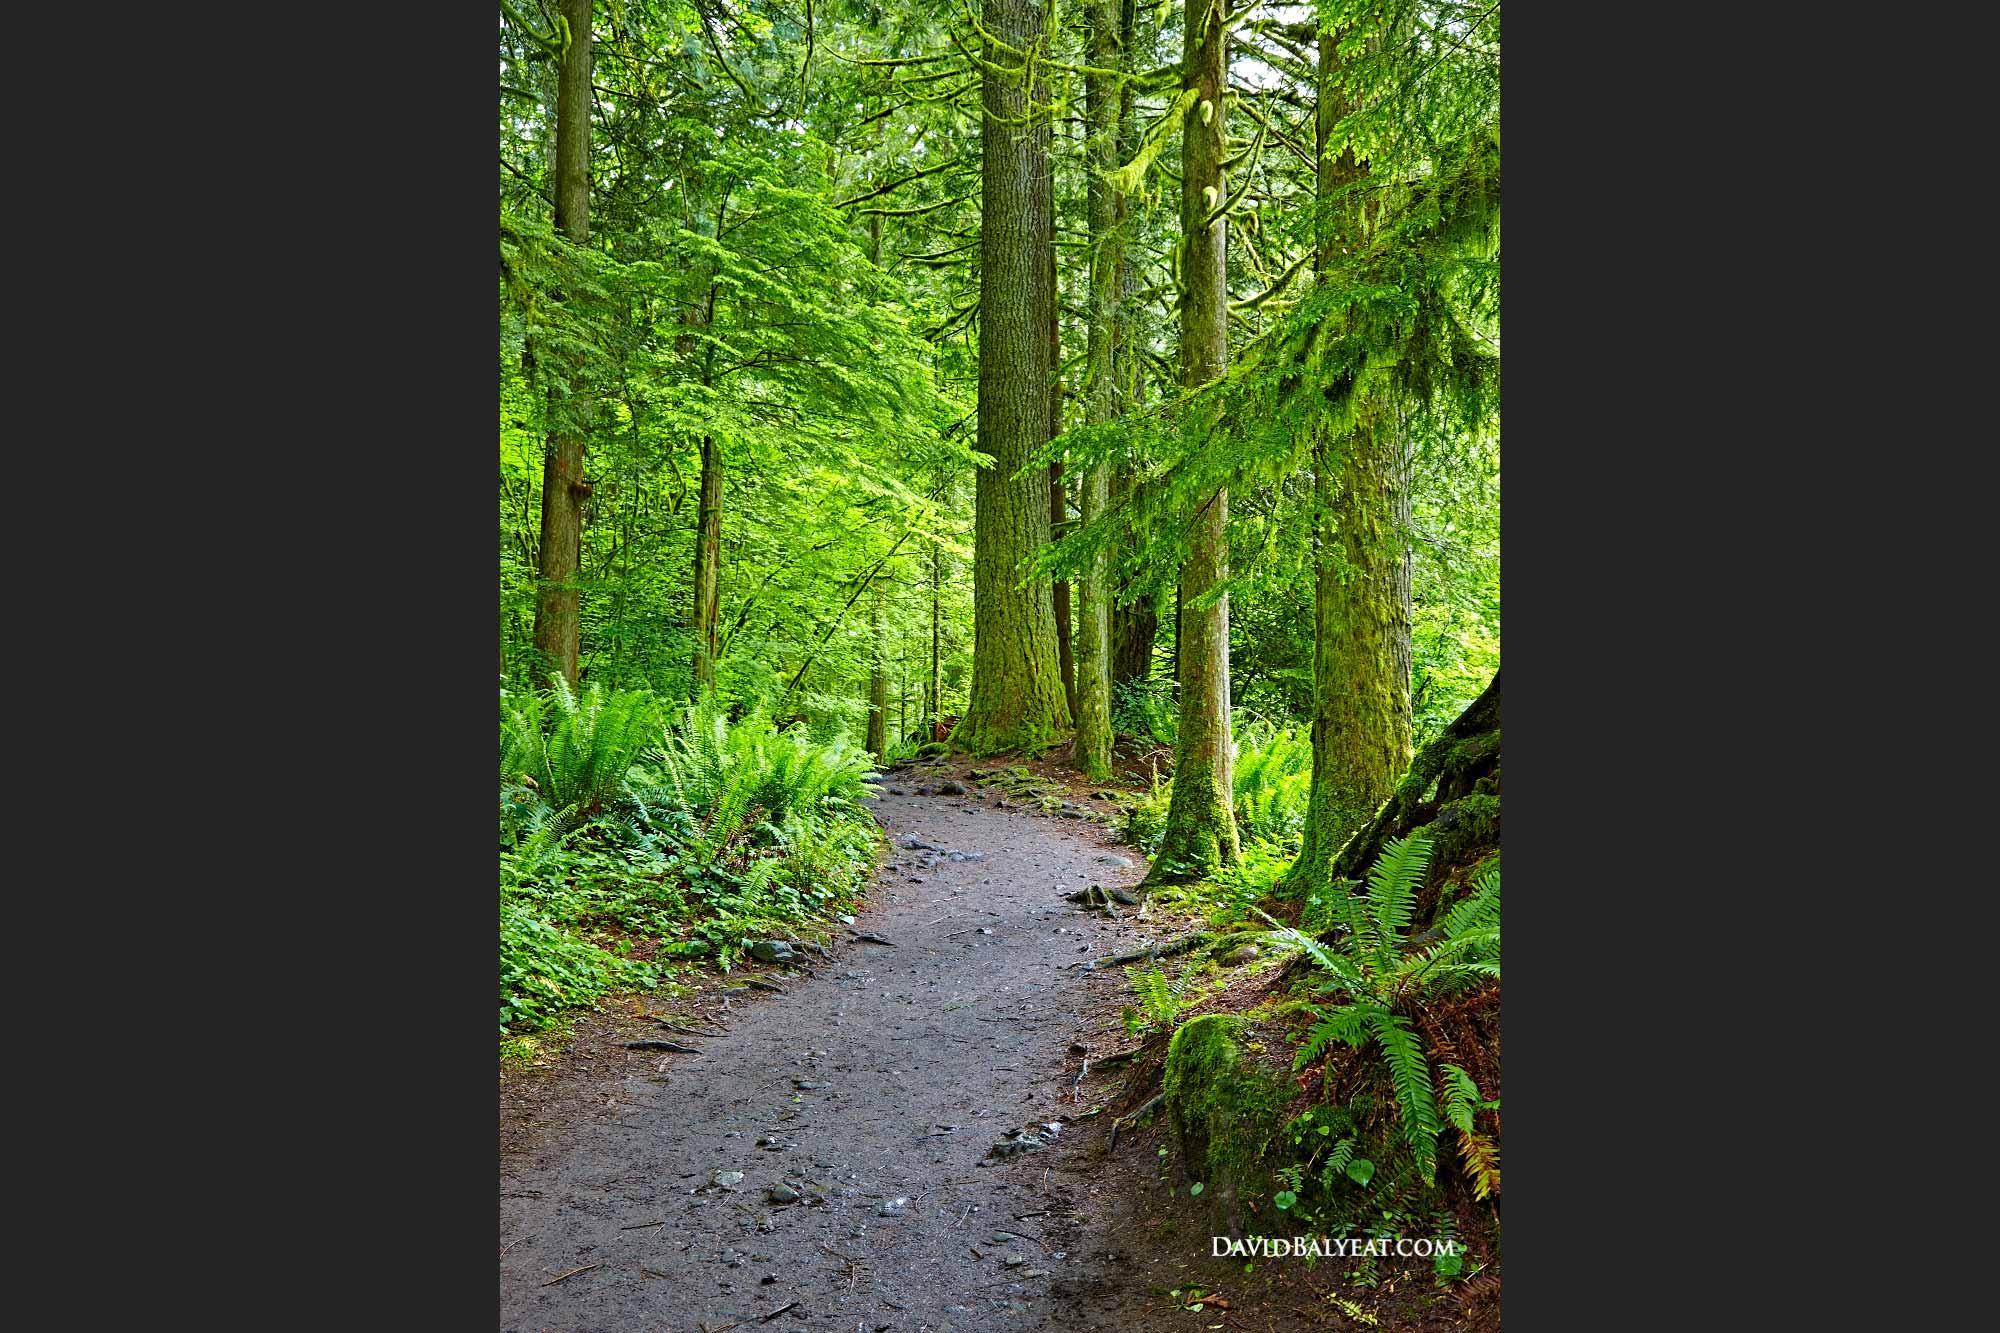 Seattle And Washington State David Balyeat Photography